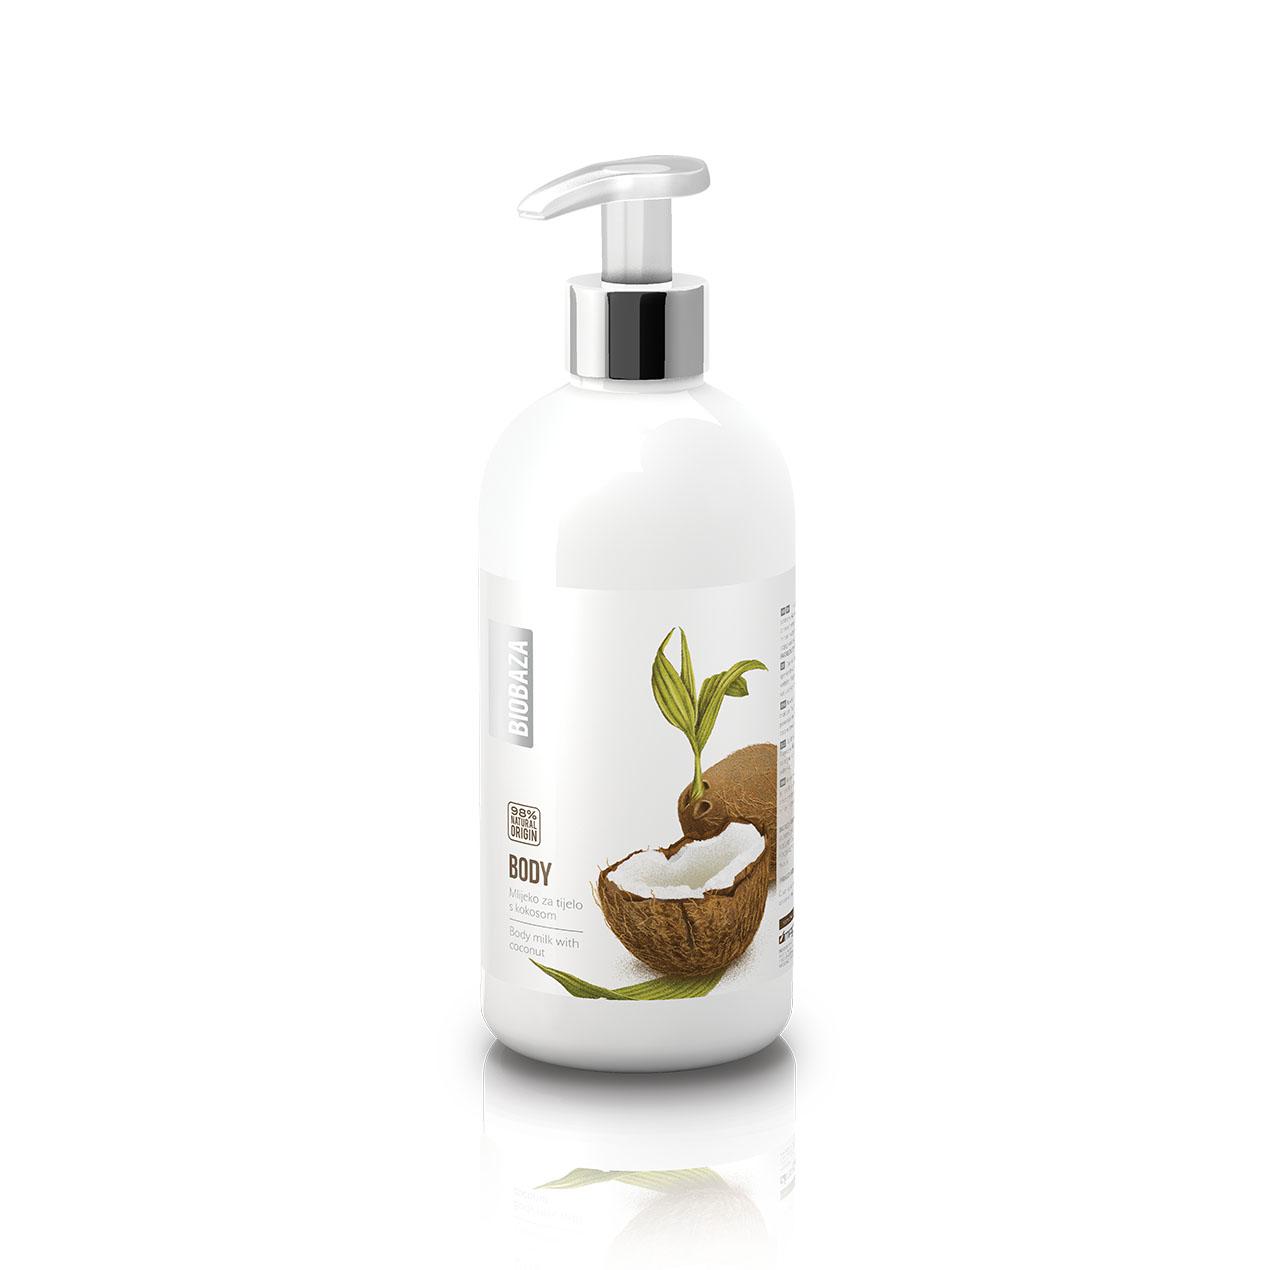 Recenzije kozmetike  - Page 4 Body-mlijeko-s-kokosom_5a8adfc03fe4a